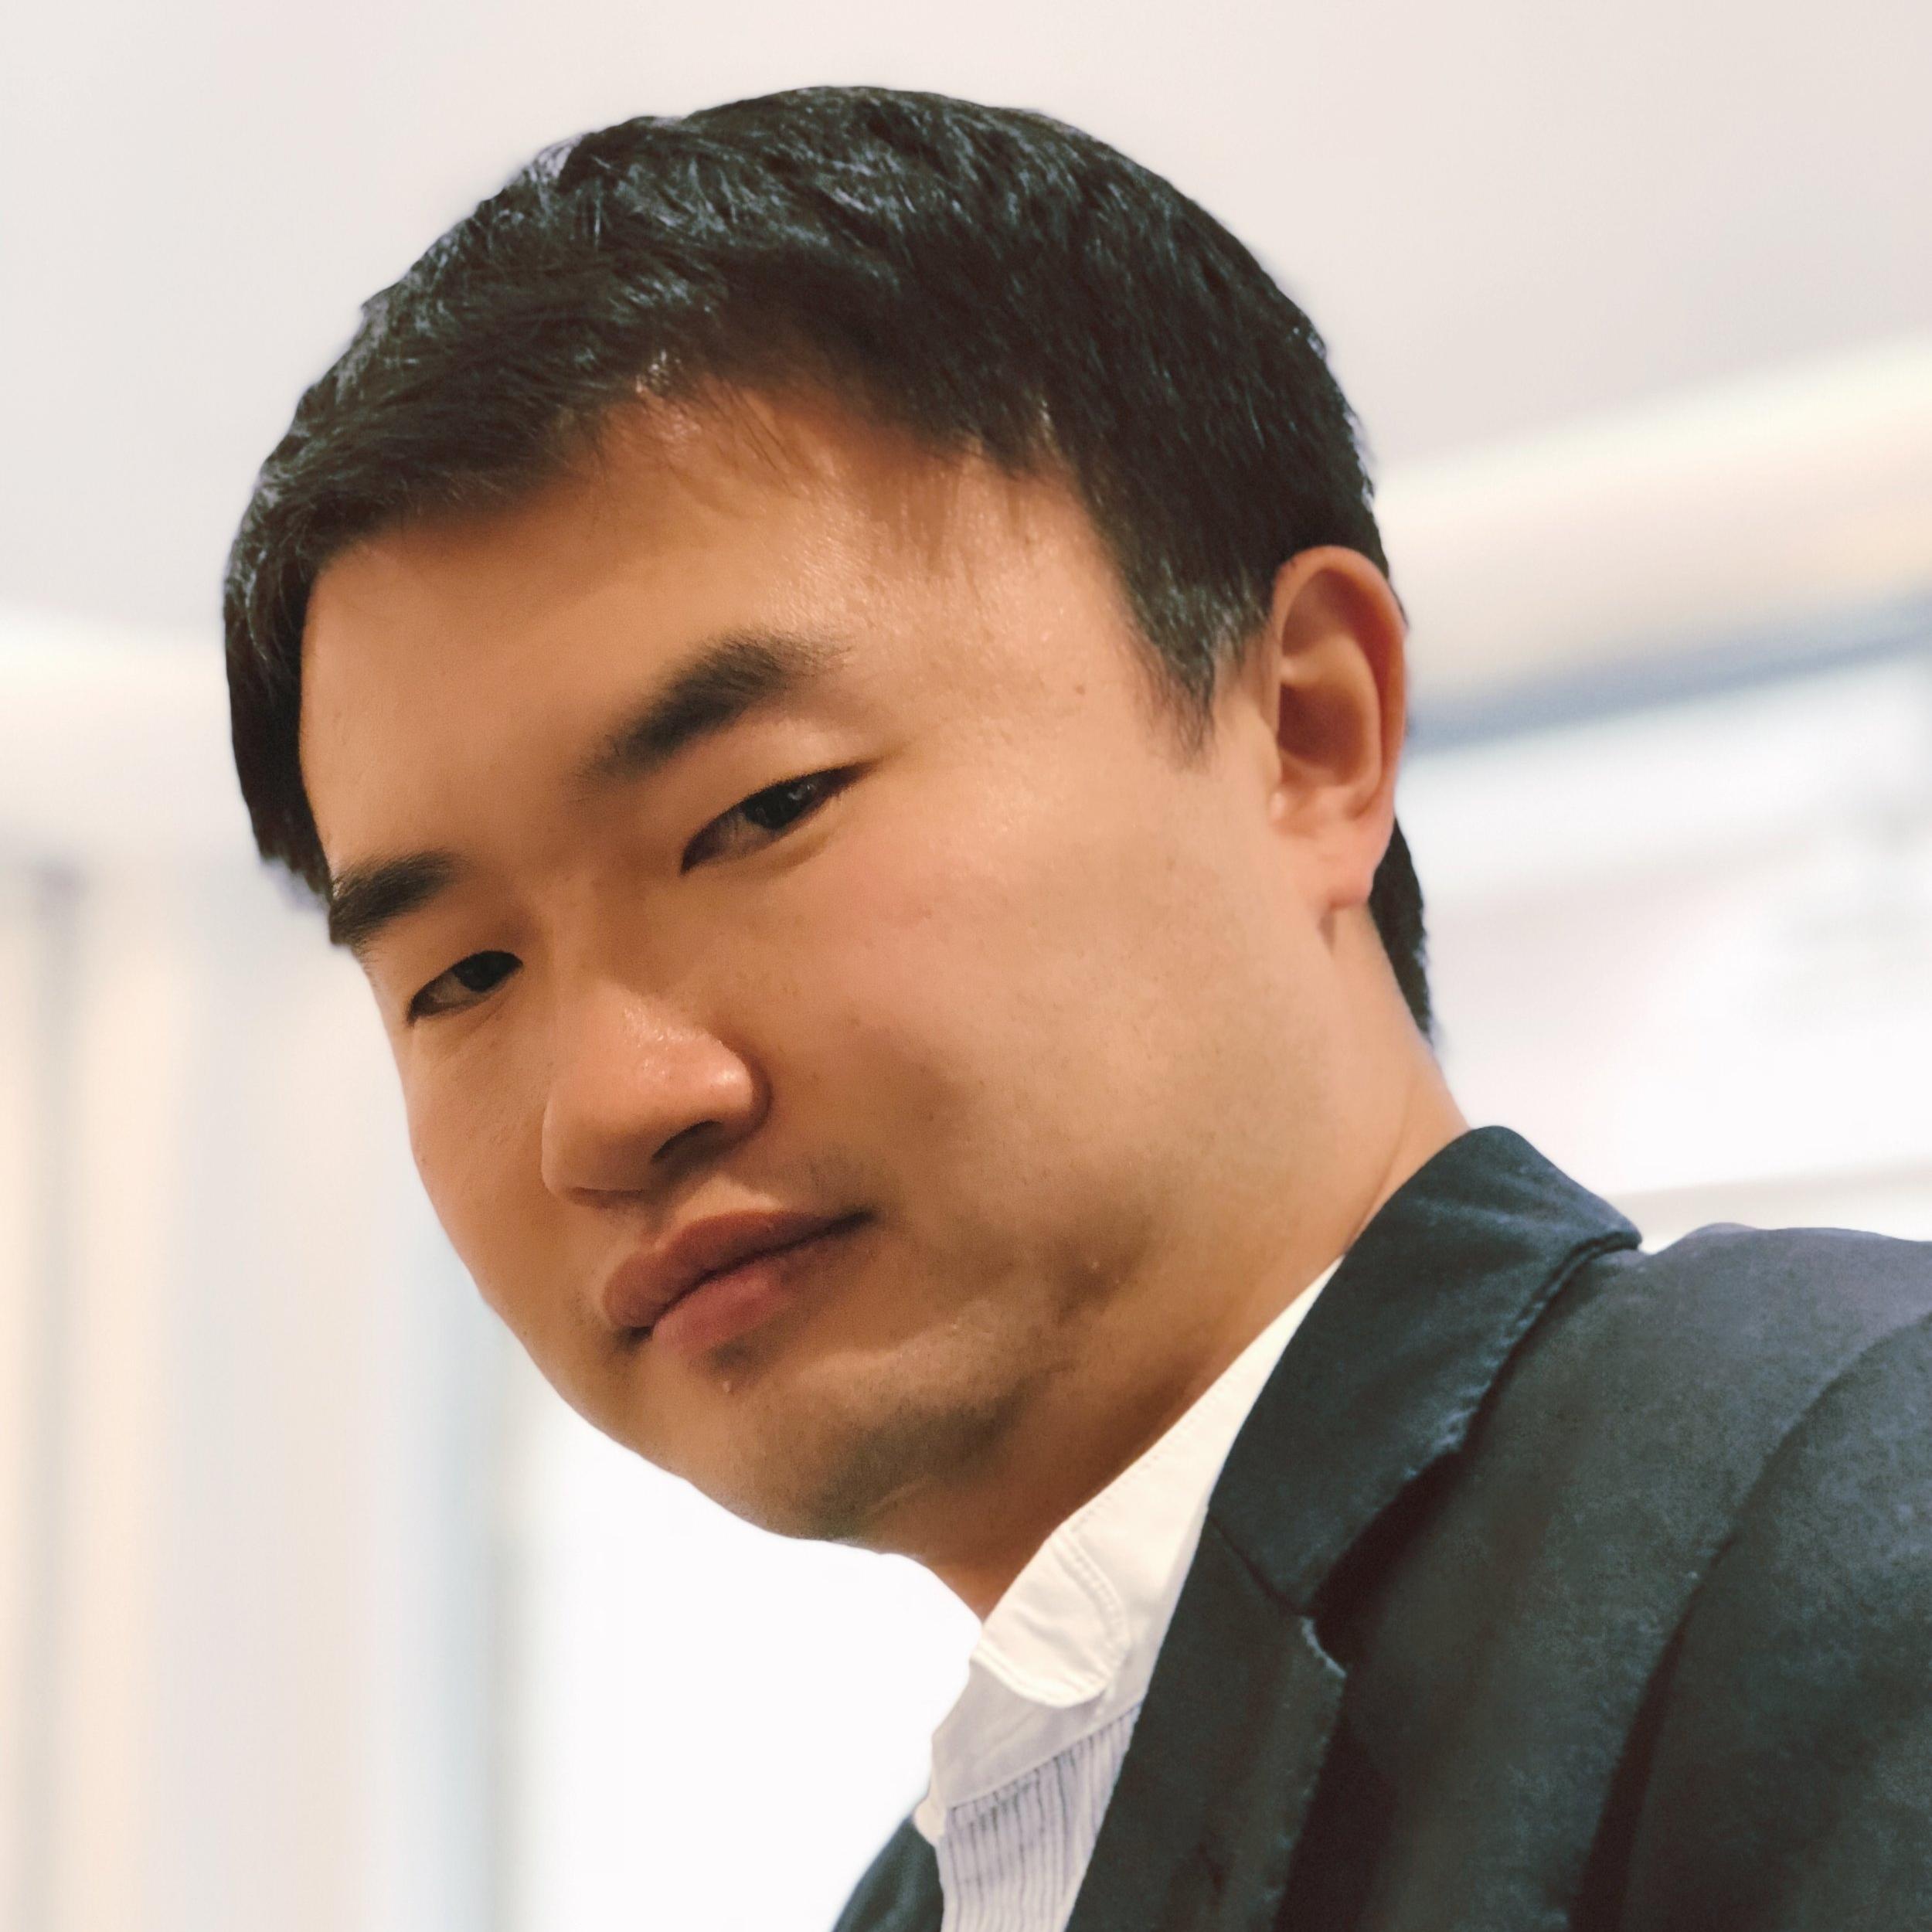 William Fu - Myynnin ja brändäyksen asiantuntijaJia (William) Fu on opiskellut kansainvälistä liiketoimintaa Dalhousie yliopistossa Kanadassa ja valmistui kaupatieteiden kandidaatiksi . Vuonna 2009 hän alkoi työskennelläkaivosyhtiöGolden Ocean Mining Company:n myyntipäällikkönä ja kuusi kuukautta myöhemmin hänet lähetettiin Meksikoon avaamaan uusi toimipiste yhtiölle ja operoimaan sen johtajana. Tämä uusi yhtiö Gold Ocean myy rautamalmia ja kuparia Meksikosta Kiinaan. Vuonna 2010 yhtiön myynti oli 2 miljoonaa US dollaria ja vuonna 2011 myynti kasvoi 6 miljoonaan US dollariin.Vuonna 2011 William siirtyi Hong Kongiin ja työskenteli kansainvälisessäinvestointipankissa Macquarie Bank:ssa ja hoiti osakeannin sekä fuusion kiinalaiselle yhtiölle. Vuonna 2014 hän avasi maahantuontiyhtiö Shenzhen Bilberry Industrial Co. Ltd:n, joka maahantuo luonnonmukaisia, terveellisiä ruoka- ja juomatuotteita Suomesta. Vuonna 2015 hän perusti Pohjolan Mustikka Oy:n Mikkeliin.